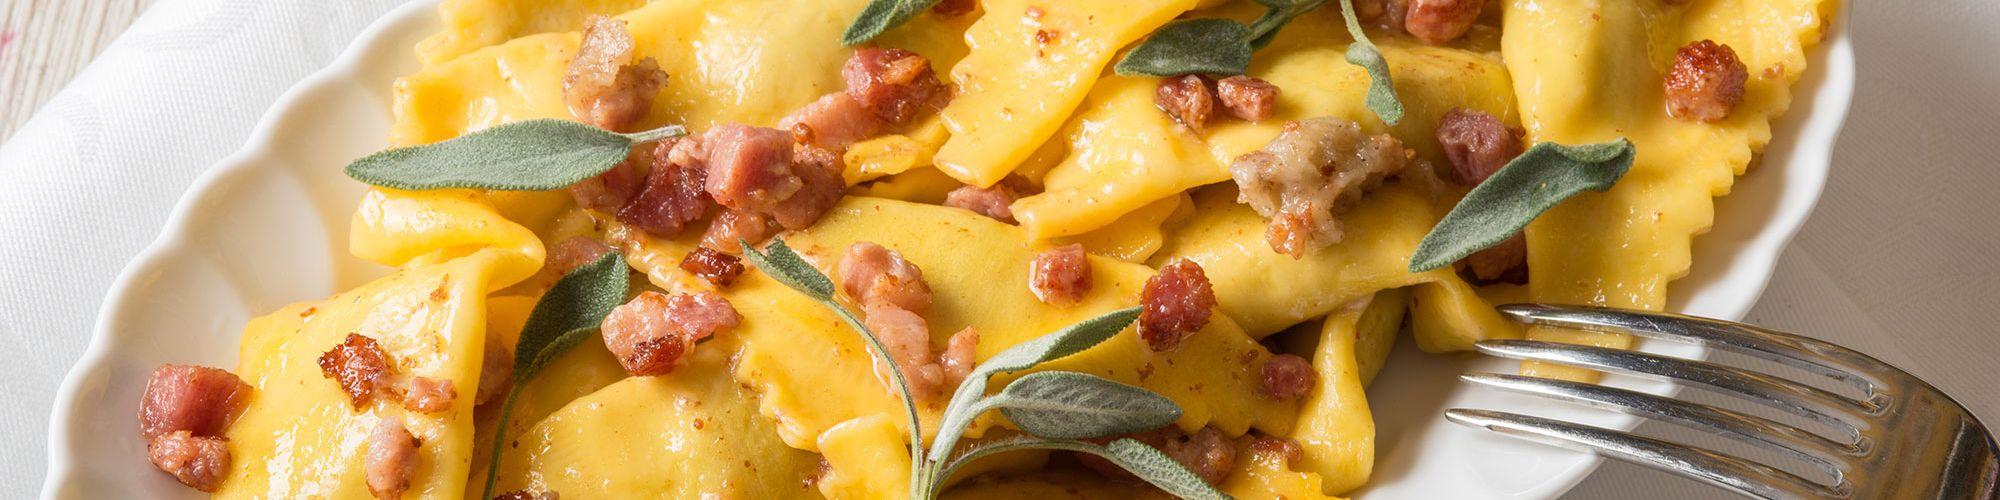 ricetta Casoncelli alla Bresciana con pasta fresca